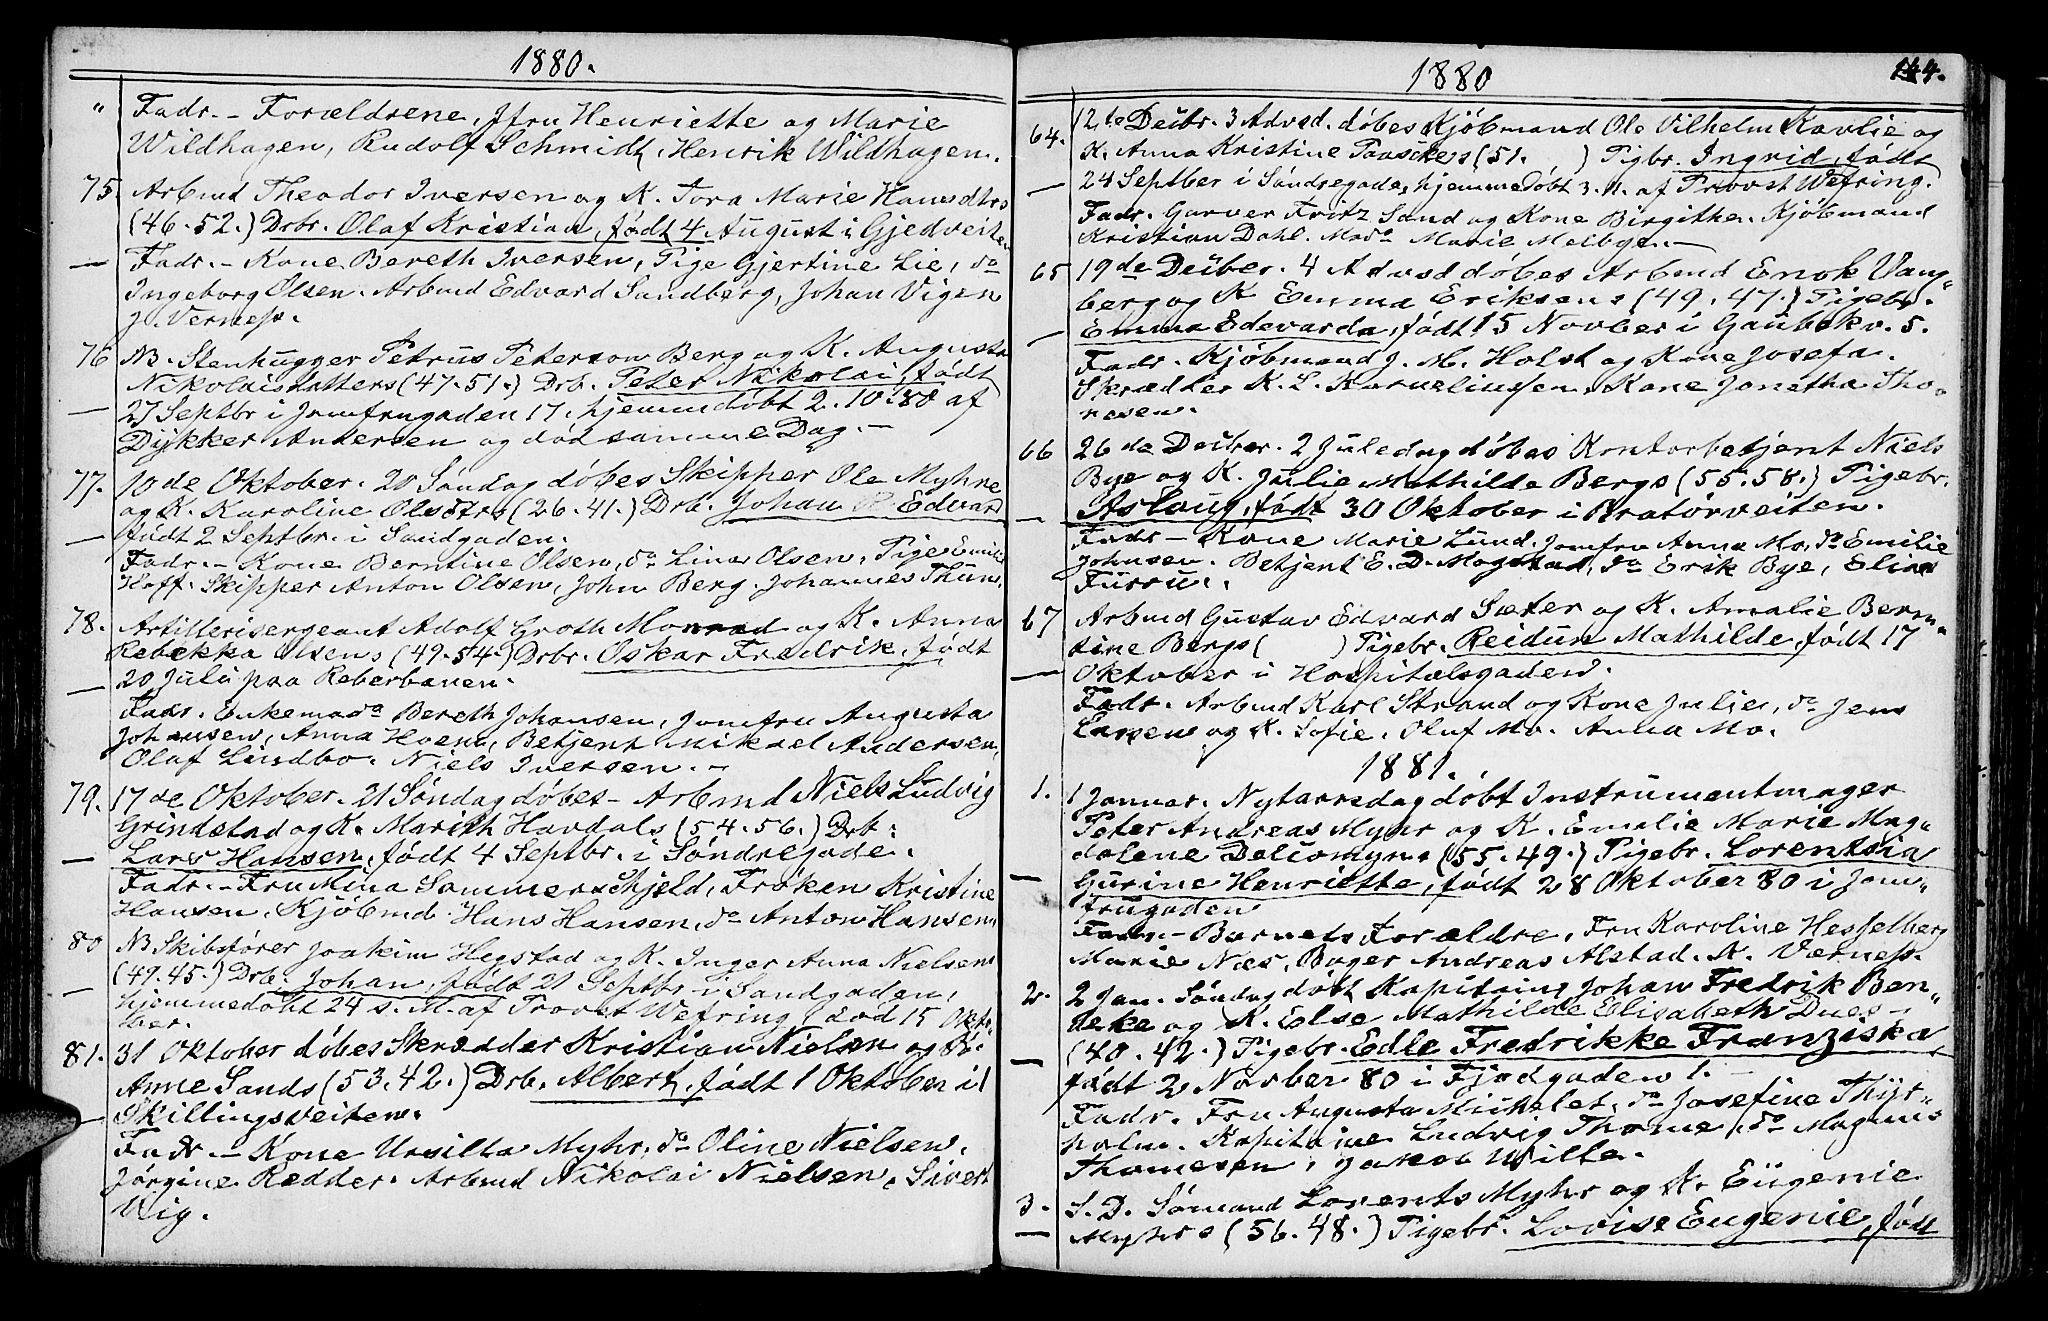 SAT, Ministerialprotokoller, klokkerbøker og fødselsregistre - Sør-Trøndelag, 602/L0142: Klokkerbok nr. 602C10, 1872-1894, s. 144